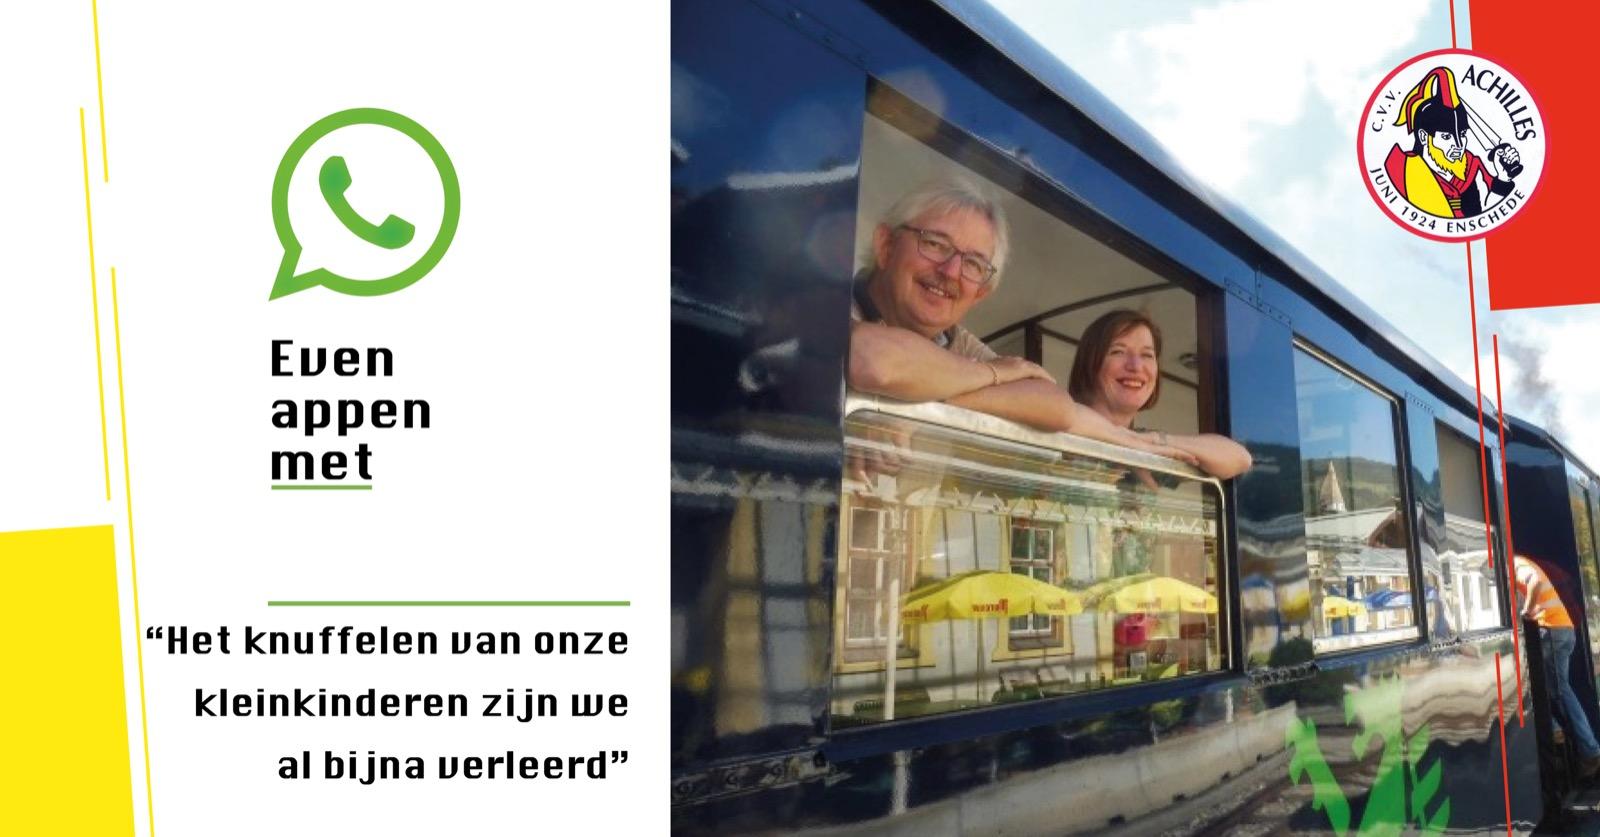 Even appen met: Gert en Ineke Scholten